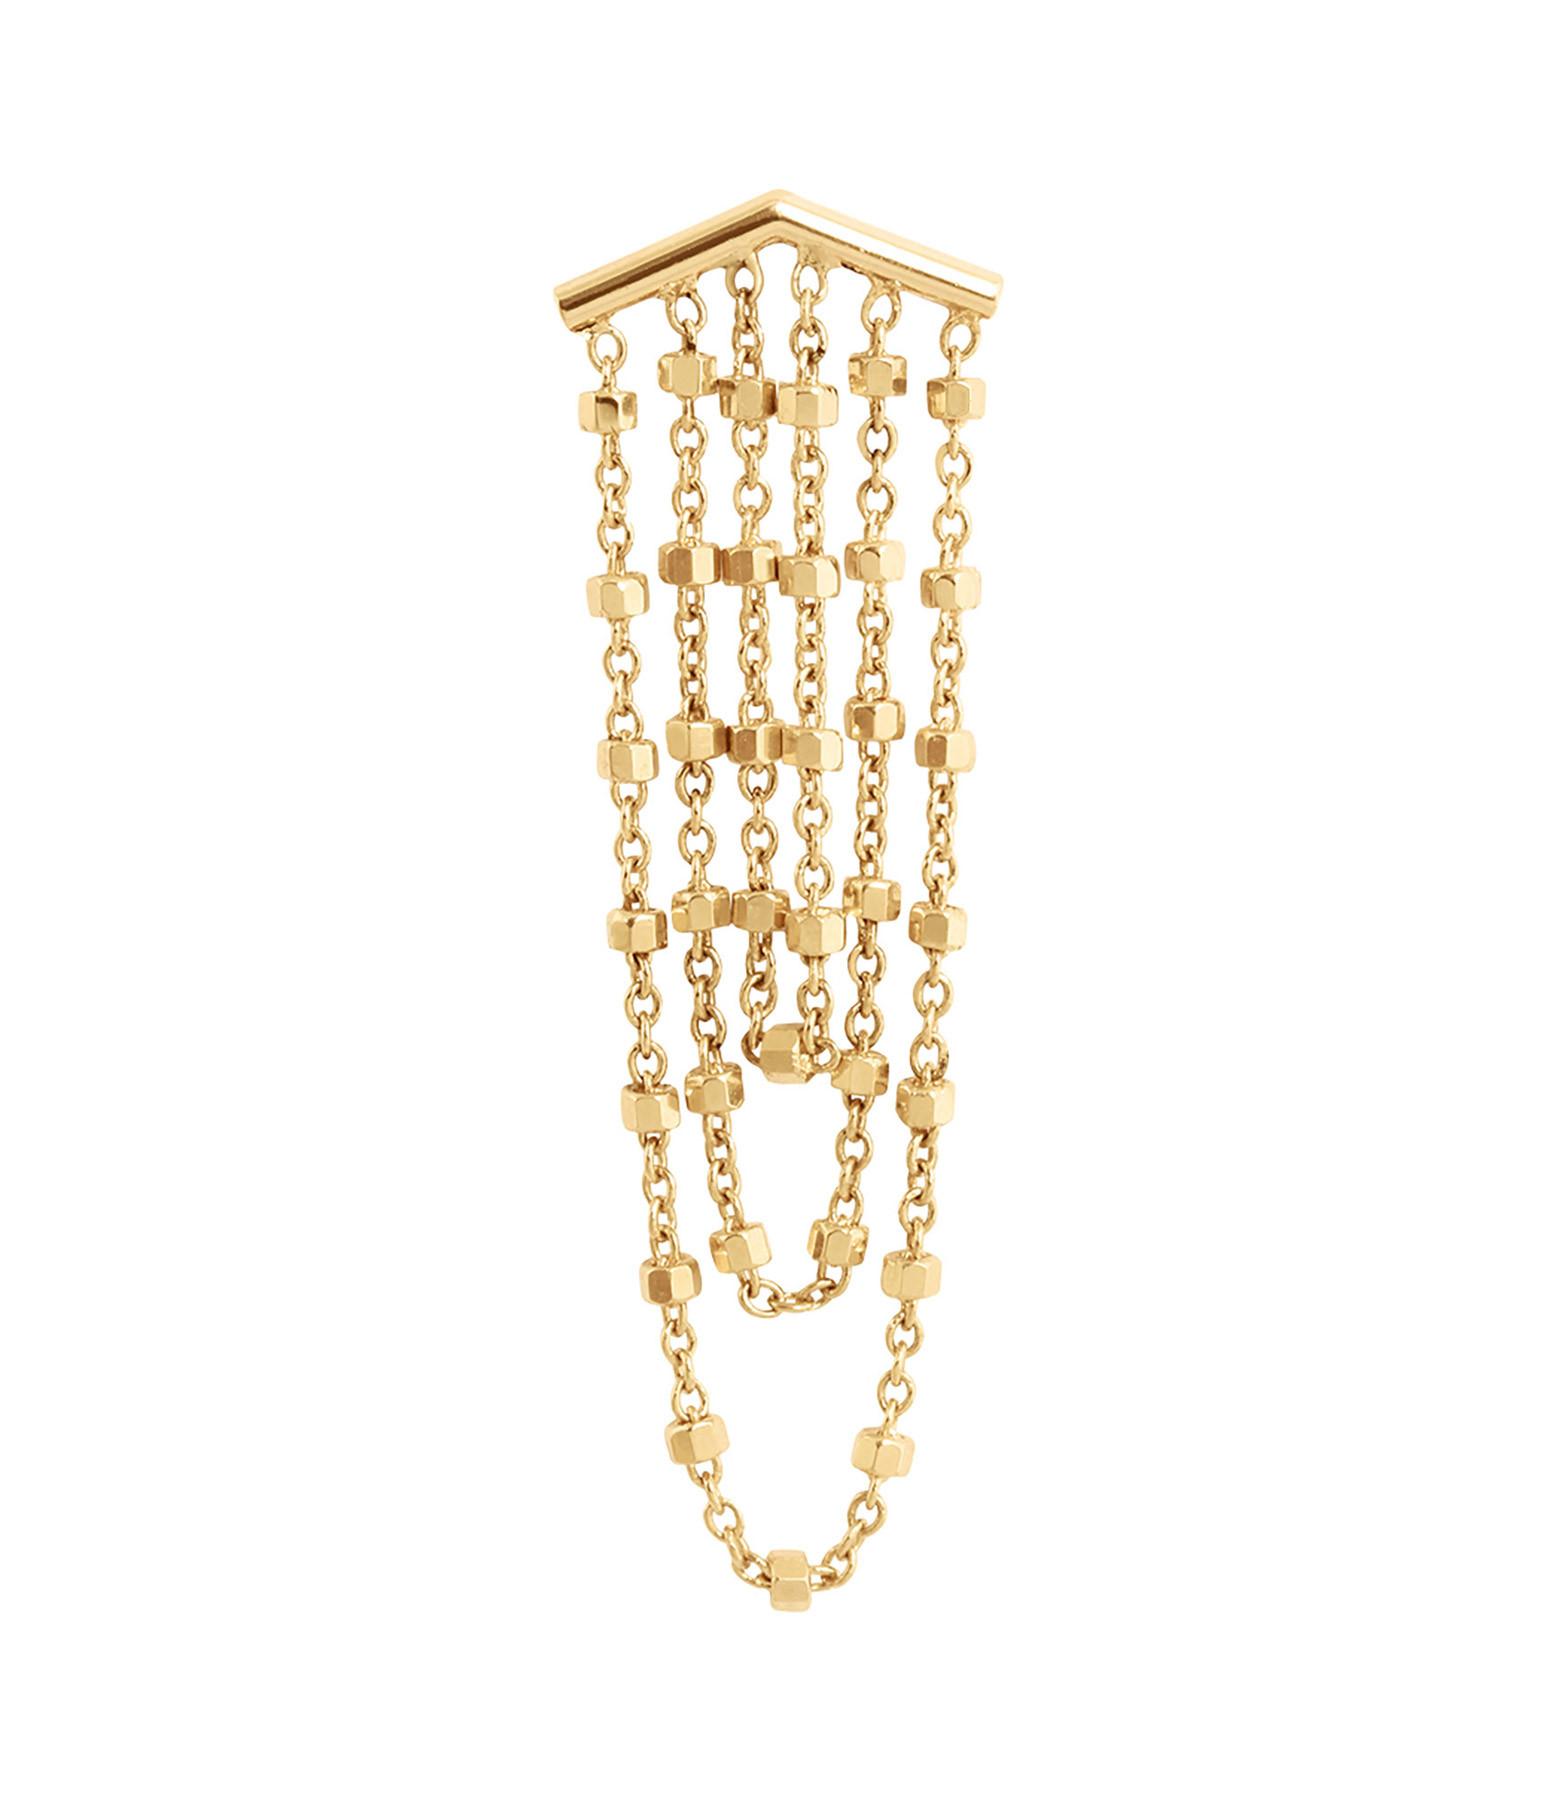 CHARLET - Boucle d'oreille Diamantée 3 Chaînes Or Jaune (vendue à l'unité)